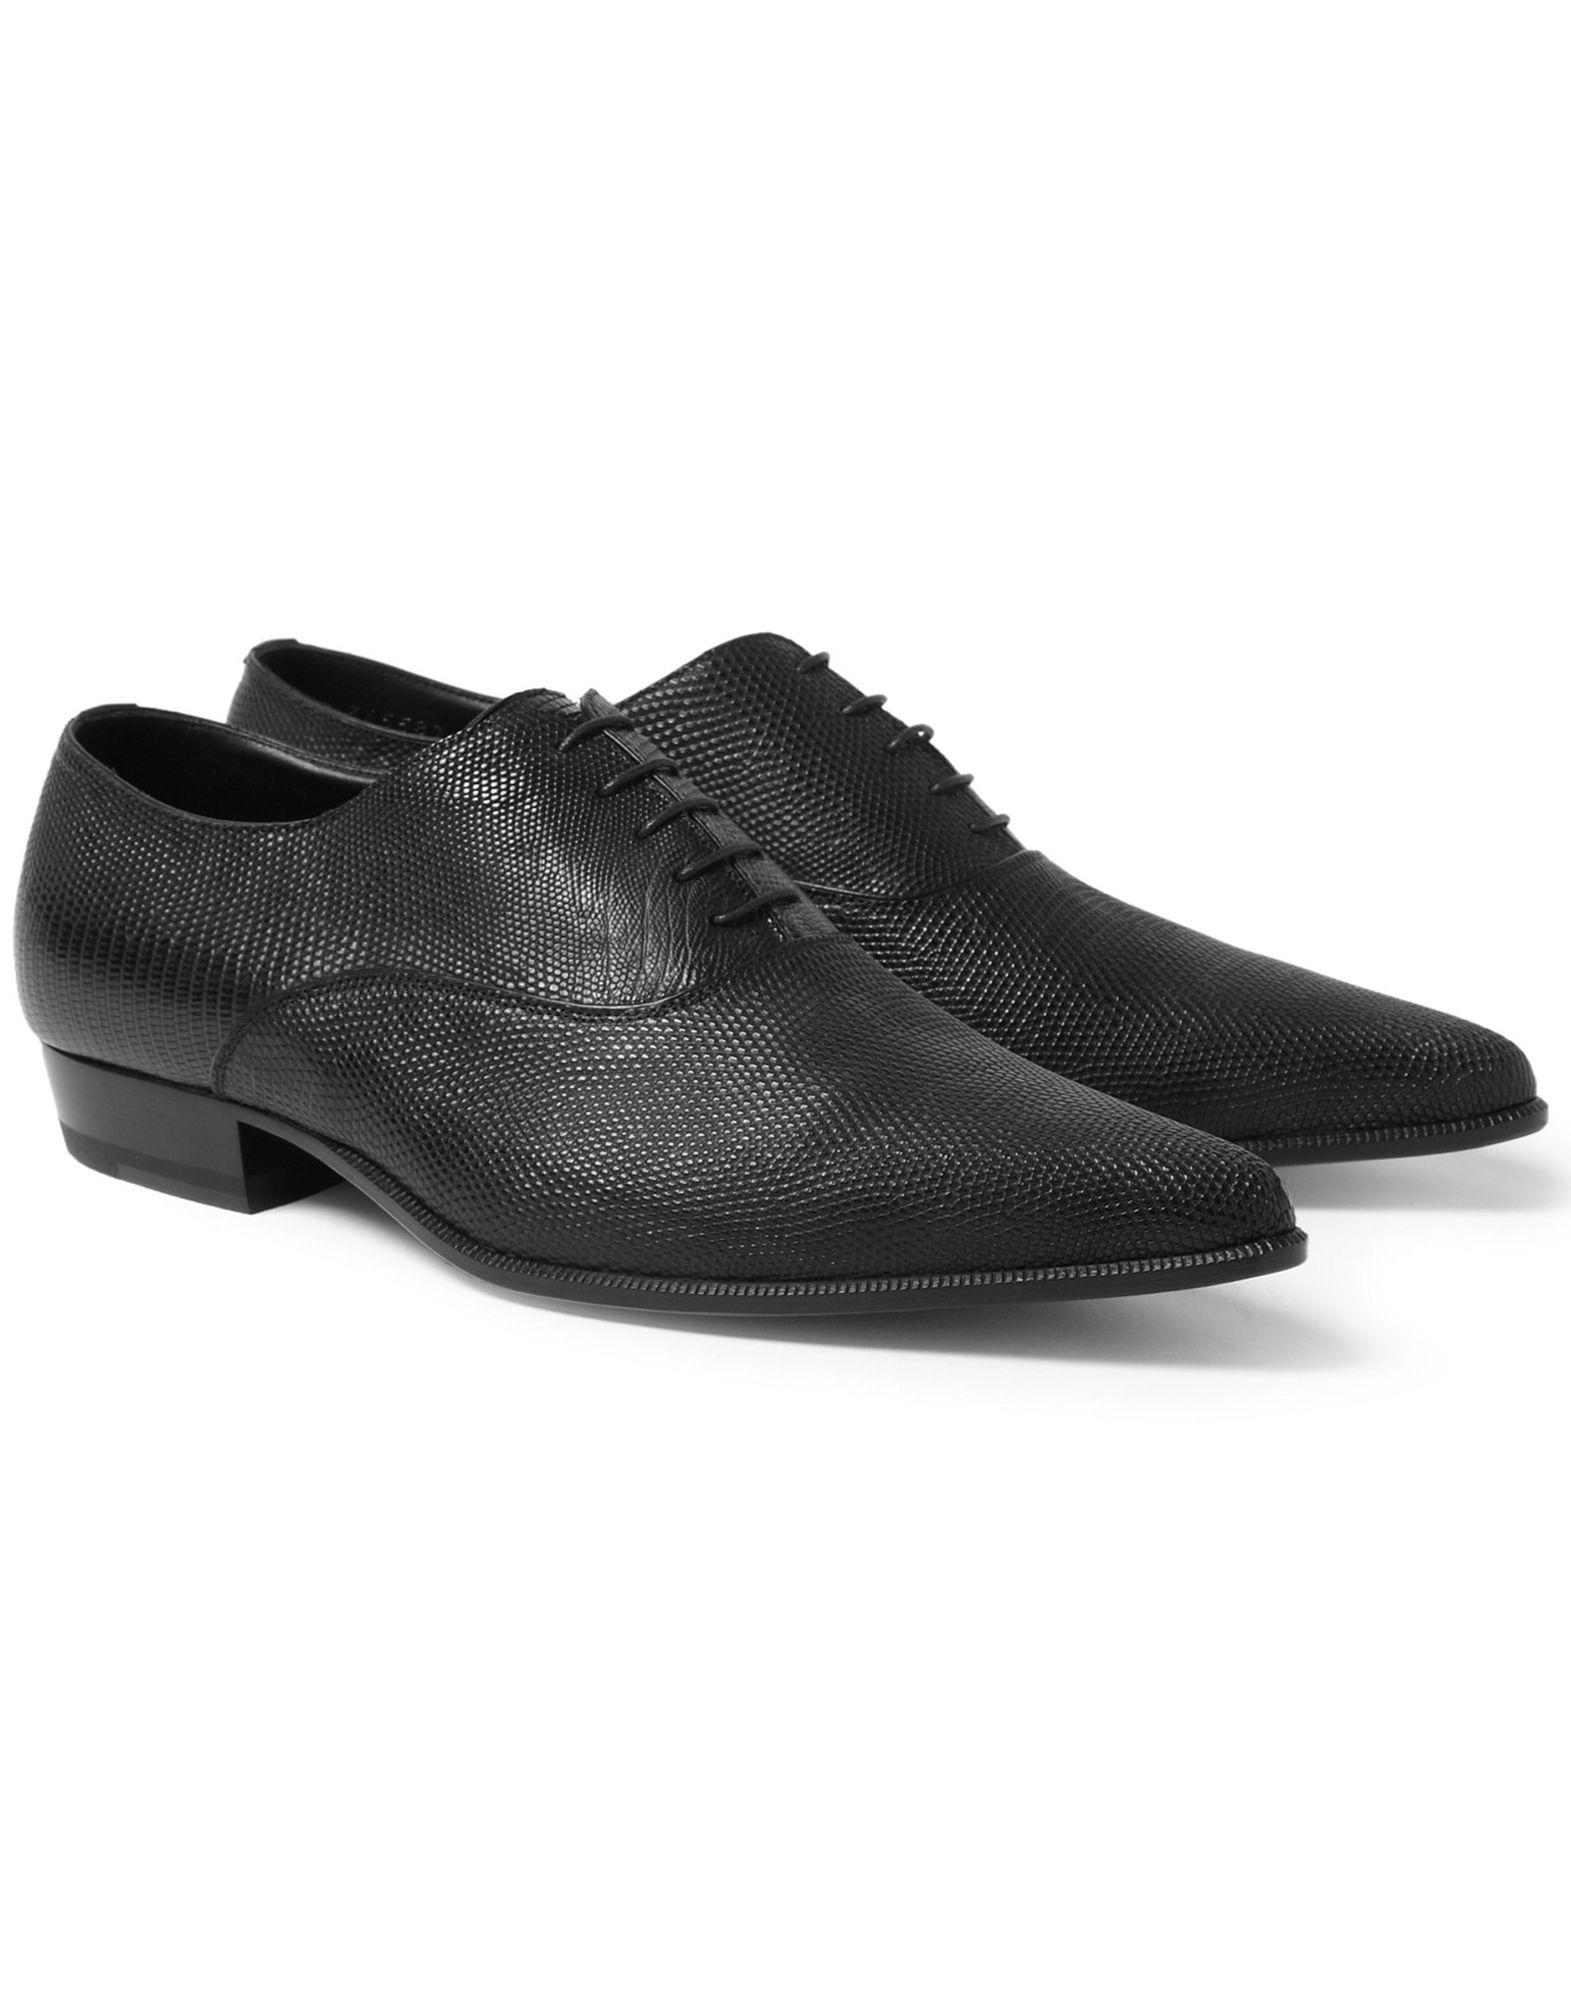 Saint Laurent Schnürschuhe Herren  11540820PQ Gute Qualität beliebte Schuhe